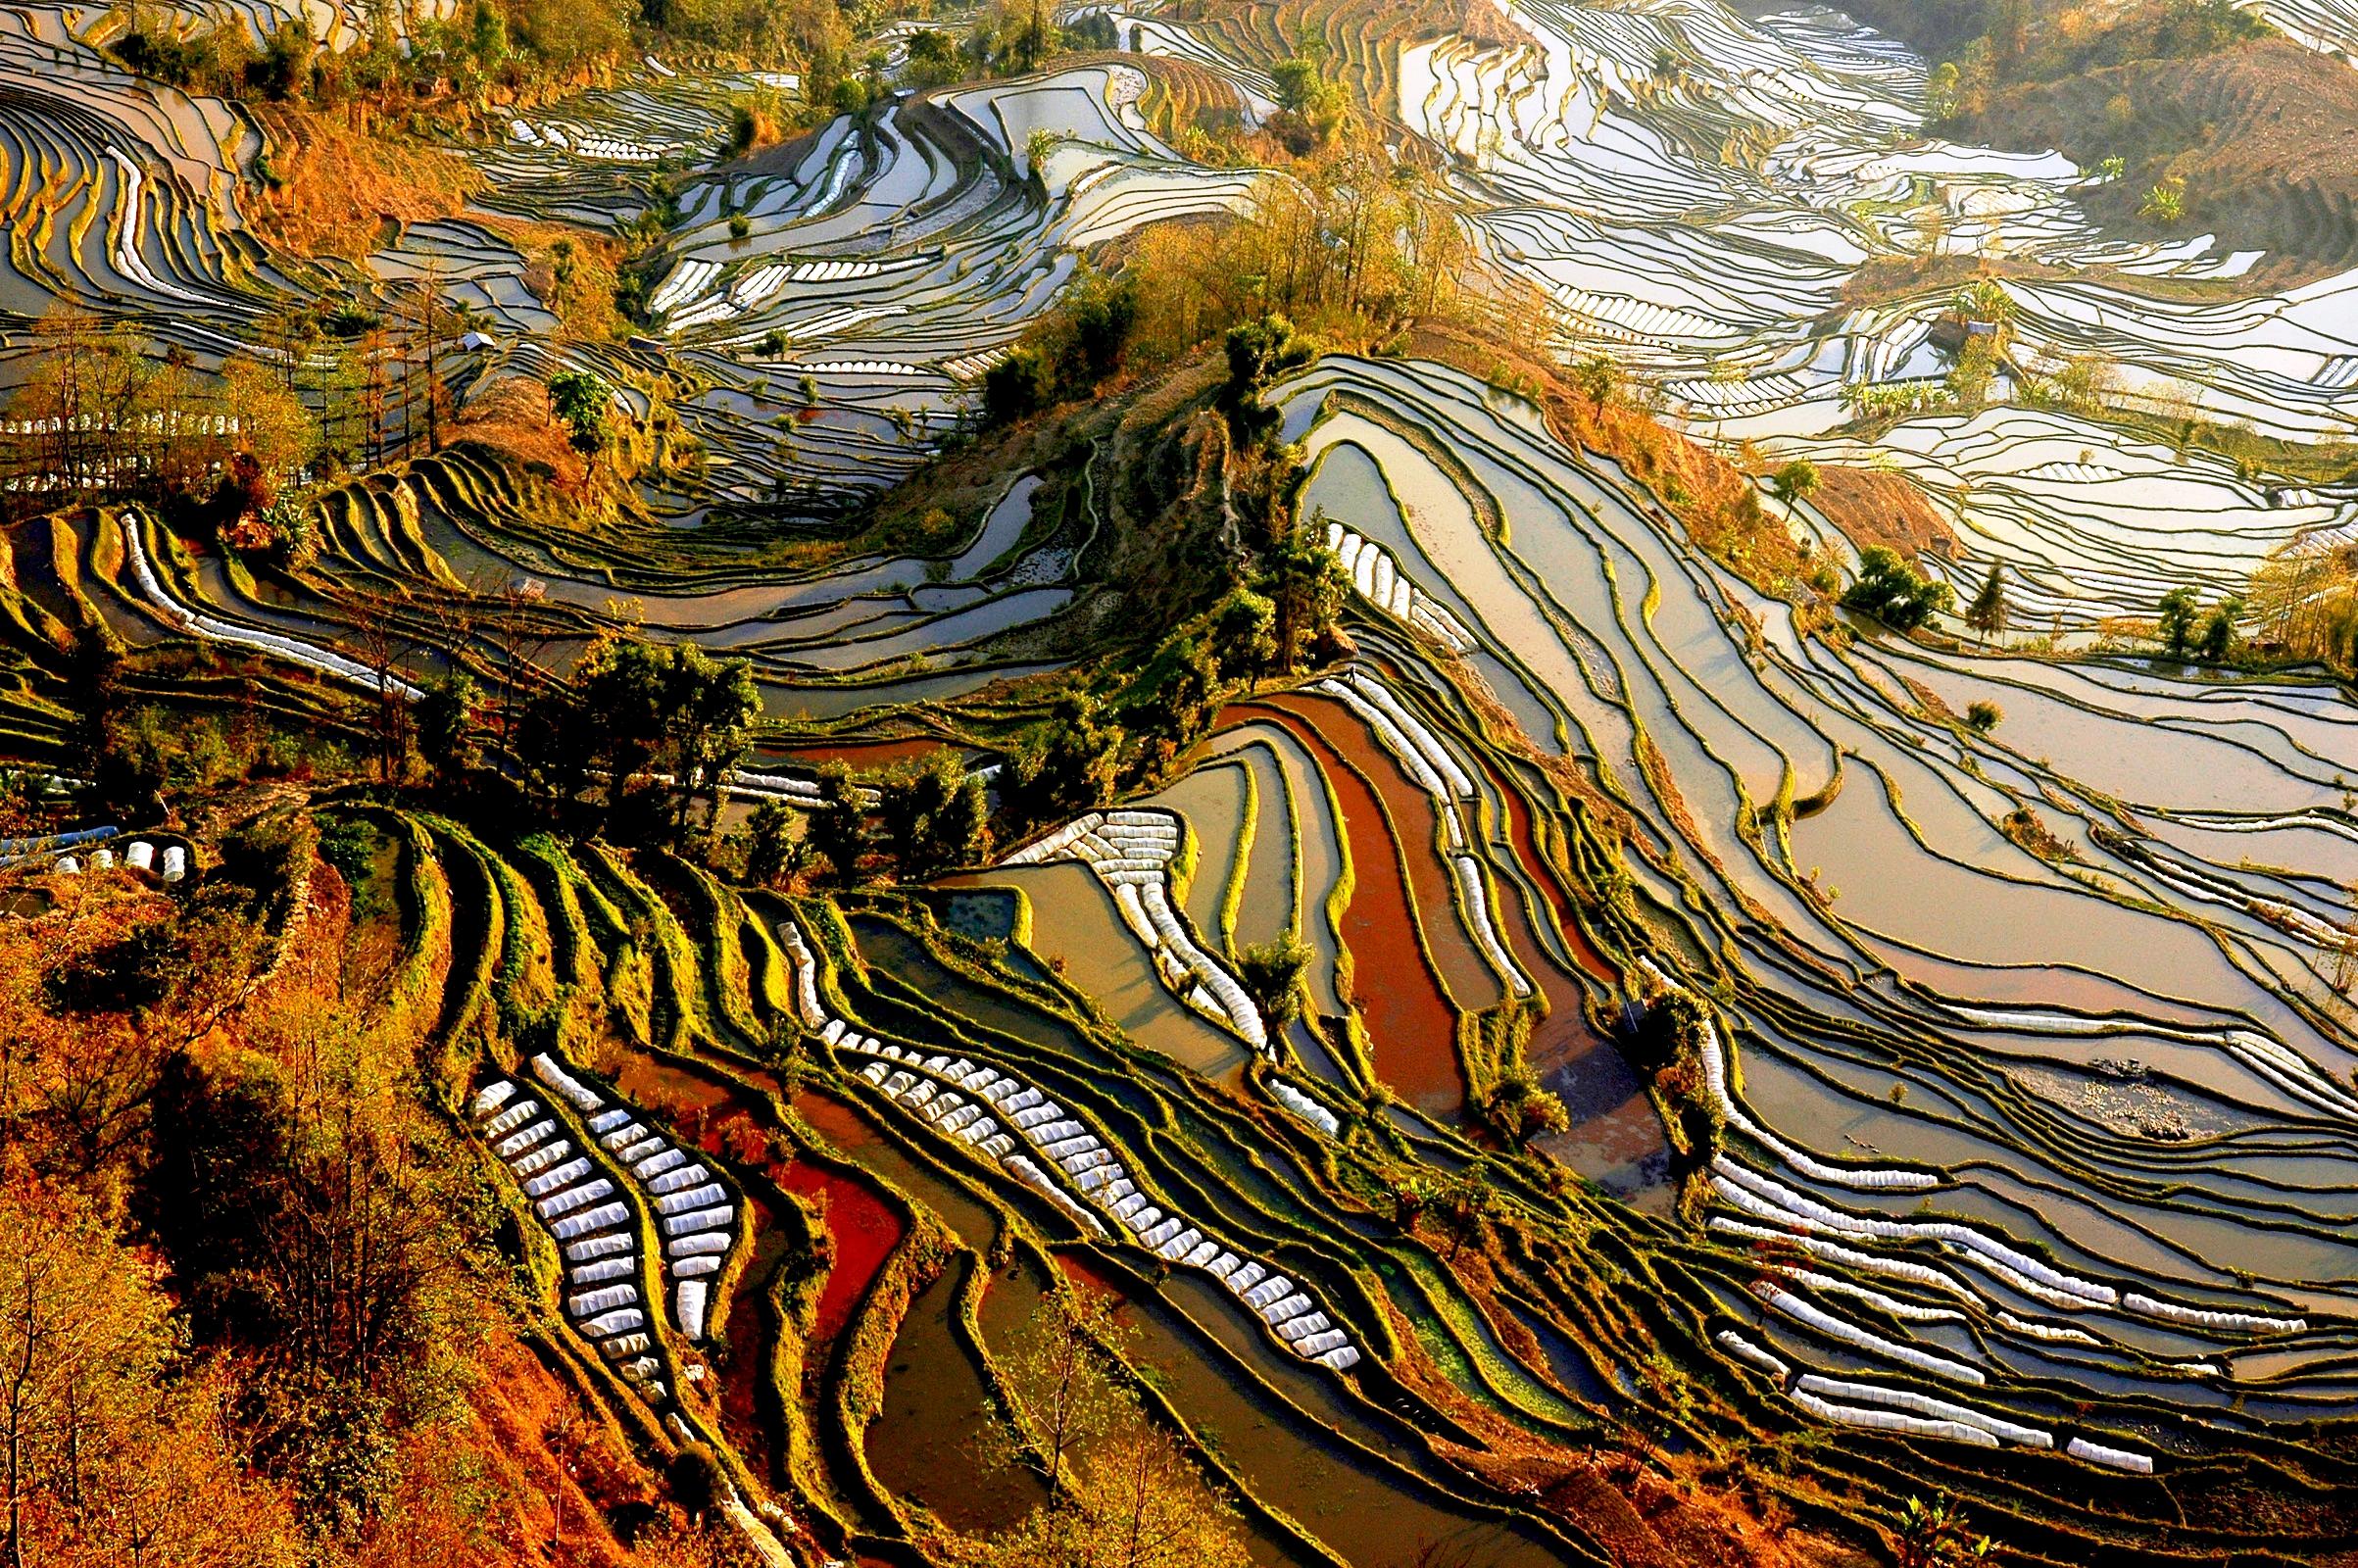 удивительные рисовые террасы